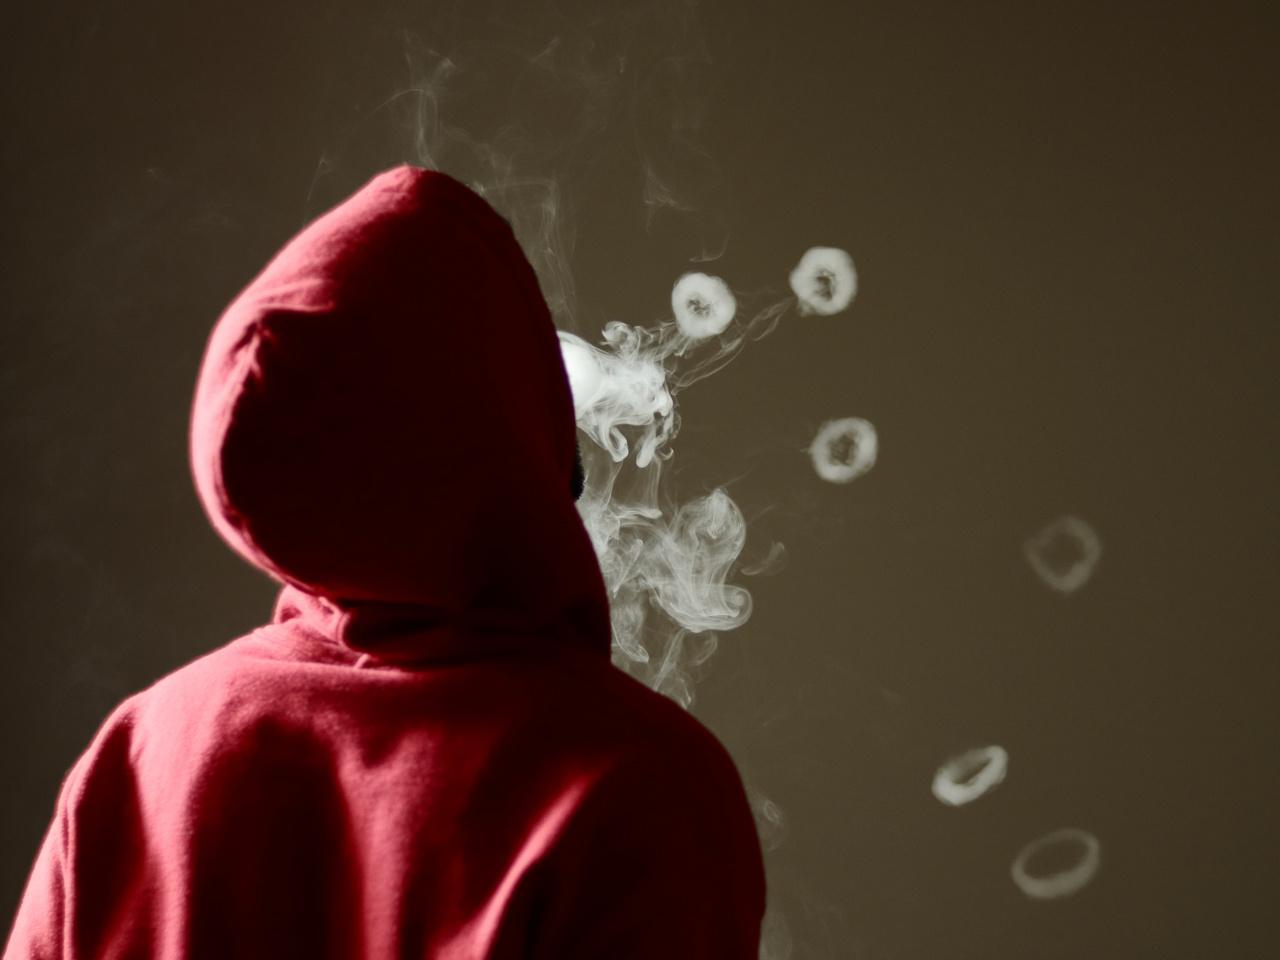 A dohányzás évente több mint 8 millió halálesethez vezet, amelyből körülbelül 1,2 millióan úgynevezett passzív dohányosok, azaz olyan személyek, akik nem számítanak dohánytermék-fogyasztónak (WHO)                                                  A tudomány fejlődésének köszönhetően ma már több alternatíva is rendelkezésre áll, amelyek a hagyományos dohányzáshoz képest kevesebb káros anyagot bocsáthatnak ki. Ilyen technológia például az e-cigaretta, a nikotinsó-alapú technológia vagy a dohány-hevítéses technológia. Előbbi egy nikotintartalmú folyadék hevítésével állít elő nikotinpárát, a nikotinsó kémiai reakció útján szabadítja fel a nikotint, míg a dohány-hevítéses technológia olyan hőmérsékletre hevíti a dohányt, amely elég ahhoz, hogy dohány- és nikotinpára keletkezzen, de még ne történjen égés. Számos, különböző elven működő füstmentes technológia létezik, de közös bennük, hogy füst és égés nélkül működnek. Mivel az egyes technológiákon belül is nagy eltérések vannak, ezért fontos, hogy megbízható forrásokból tájékozódjunk.